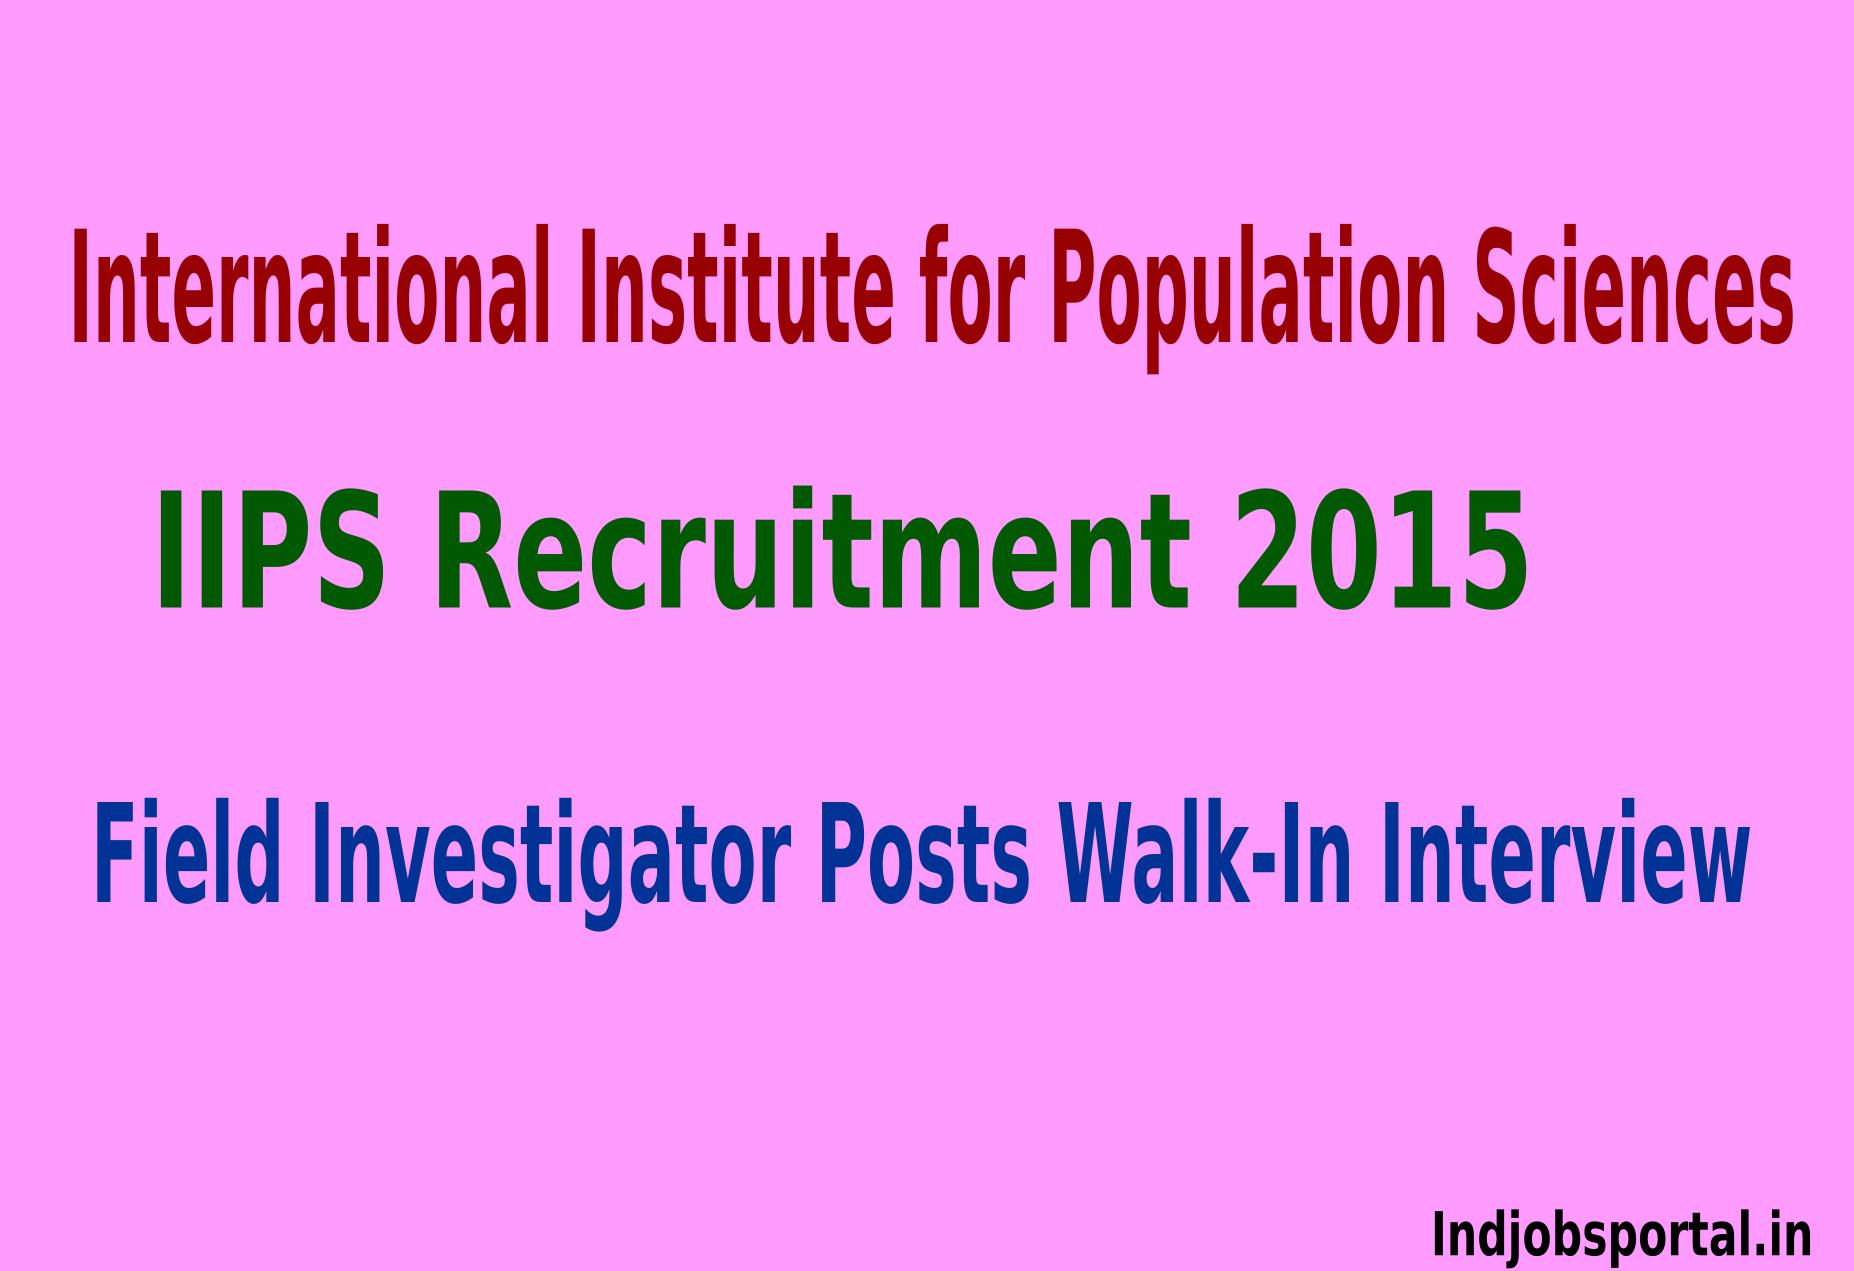 IIPS Recruitment 2015 For Field Investigator Posts Walk-In